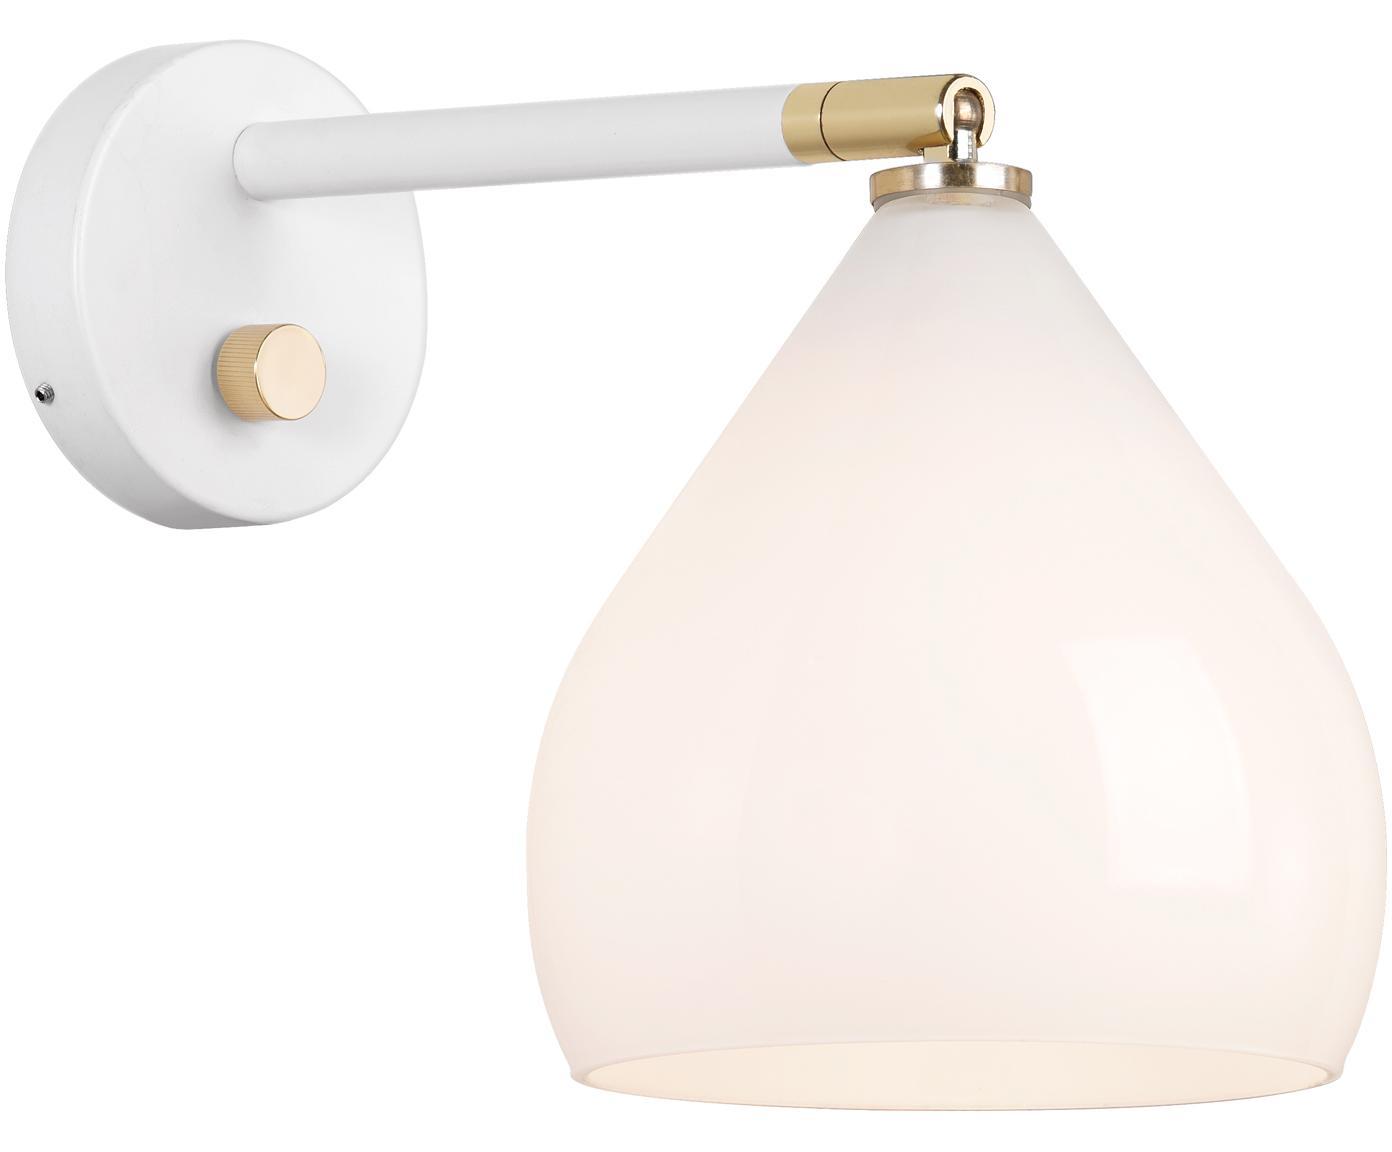 Wandleuchte Sence mit Stecker, Lampenschirm: Opalglas, Weiss, Messing, 17 x 21 cm